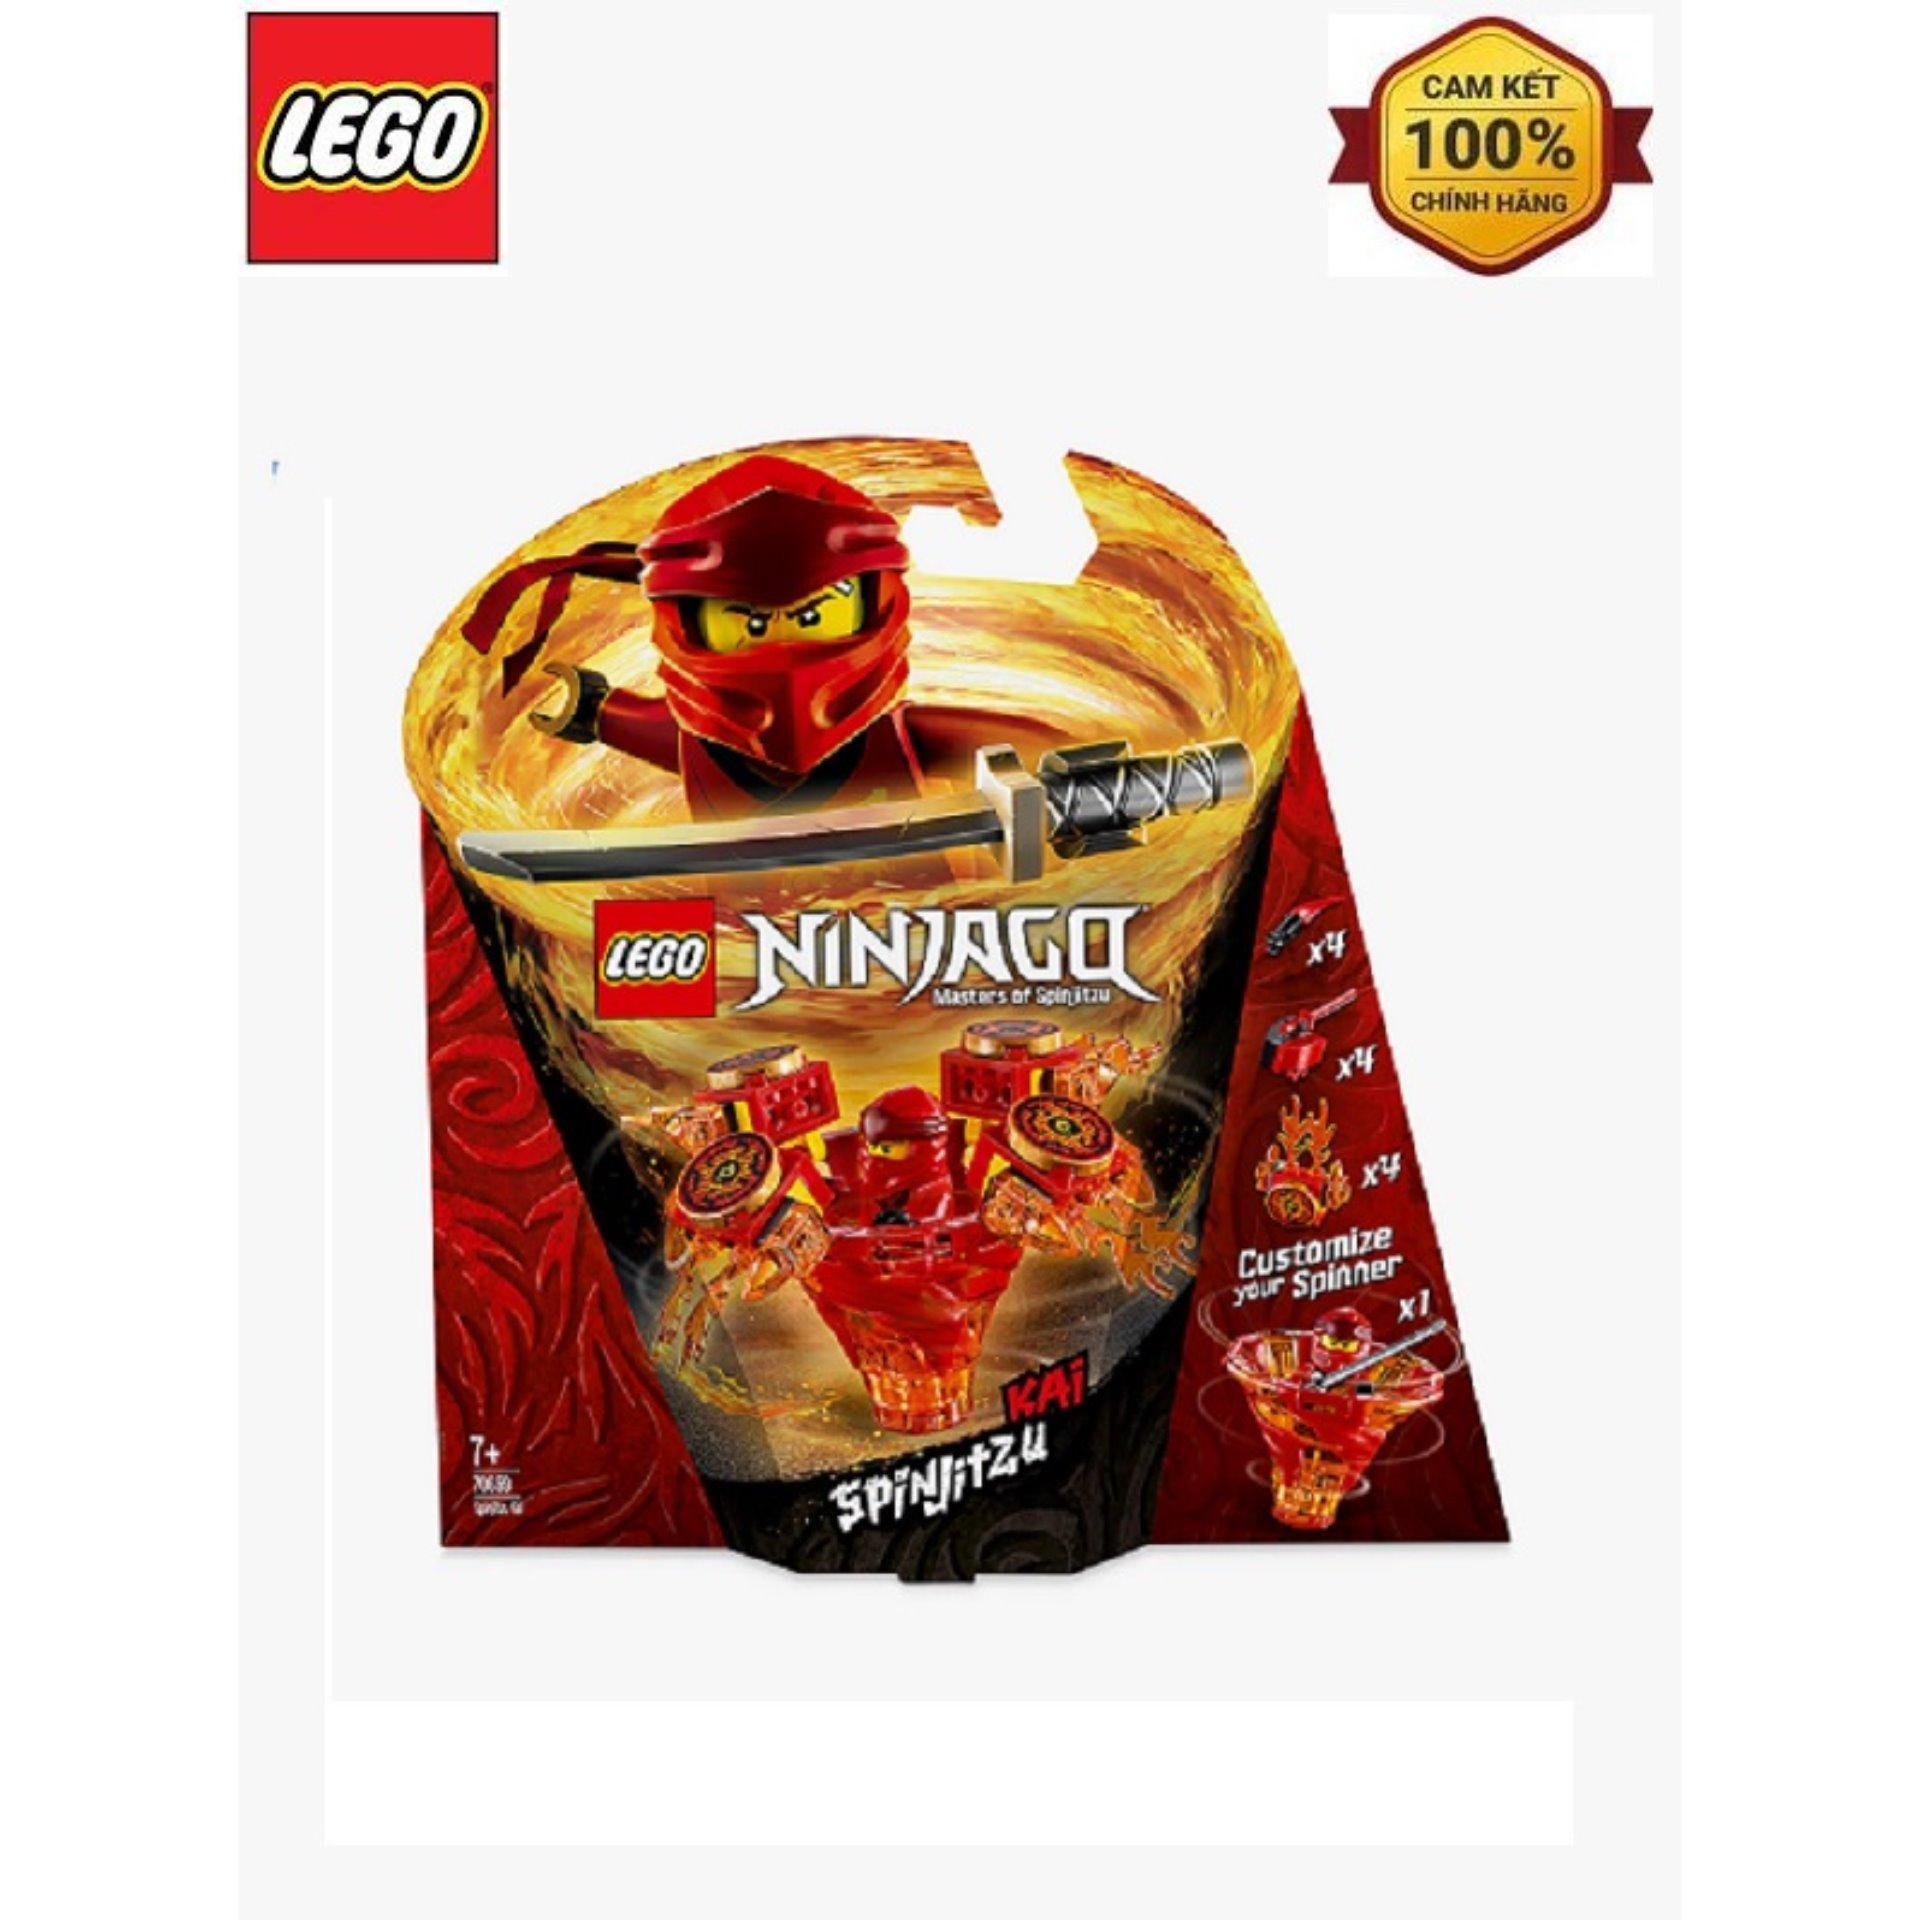 Mã Giảm Giá tại Lazada cho LEGO Ninjago Cao Thủ Spinjitzu Kai 70659 - 97 Chi Tiết